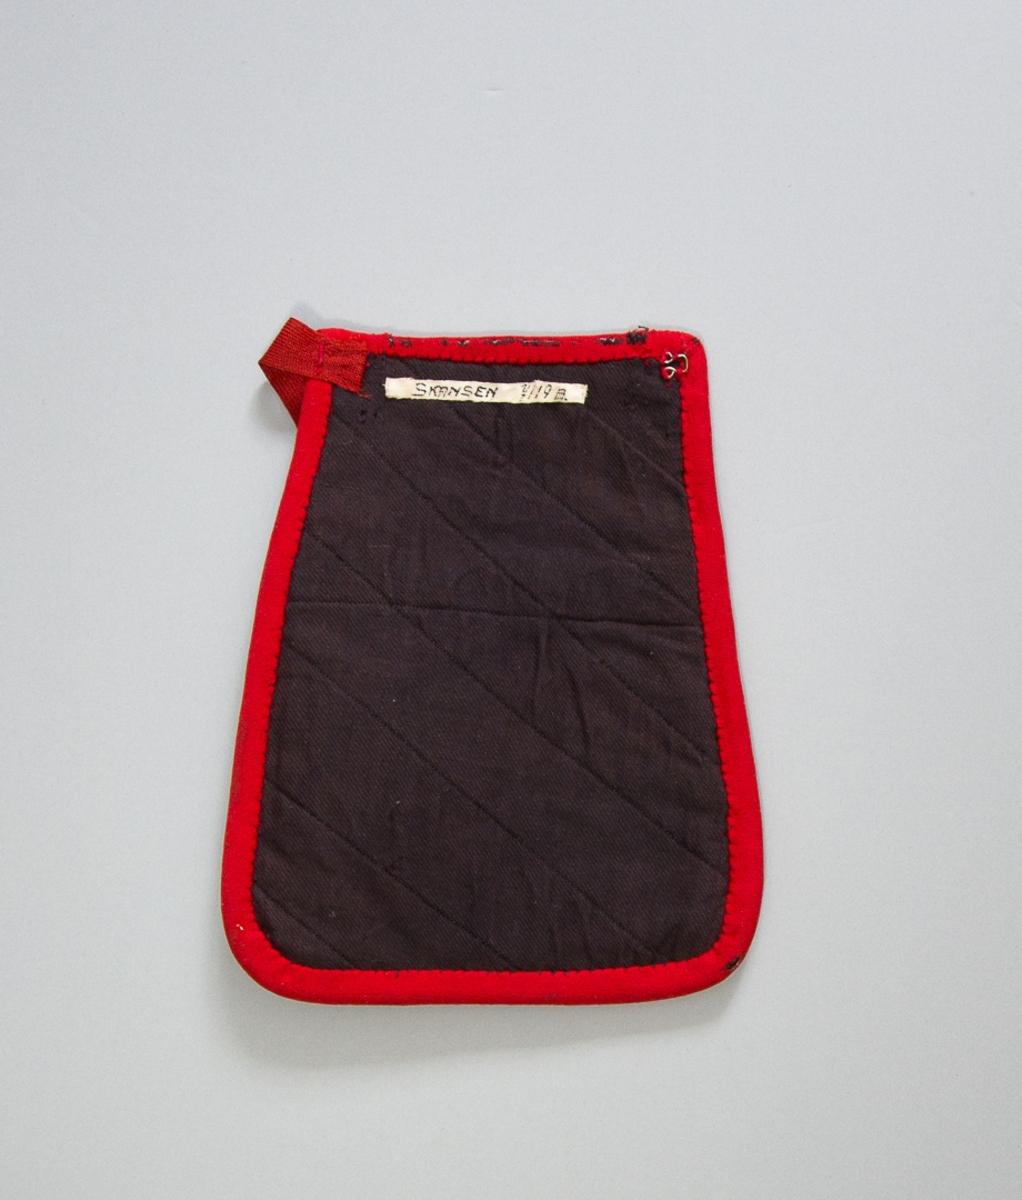 Kjolsäck till dräkt för kvinna från Gagnefs socken, Dalarna. Modell med avskuret framstycke. Tillverkad av svart ylletyg, kläde, med applikationer av kläde i rött, grönt och gult. Centralt placerat hjärtmotiv med  omgivande slingor och bladfigurer. Broderad med ullgarn och bomullsgarn i flera färger: läggsöm, kråkspark, flätsöm, sticksöm, plattsöm, stjälksöm. Överstycke av svart kläde med blombroderier och flätsöm. Kantad runtom med remsor av rött kläde. Foder av fabriksvävt bomullstyg med vita ränder på blå botten. Bakstycke av mörkblått fabriksvävt bomullstyg, kypert, med diagonala maskinstickningar och troligen ett mellanlägg. Midjeband av röd konstfiber, troligen rayon, diagonalvävt, med två hakar. Hyska på bakstycket.